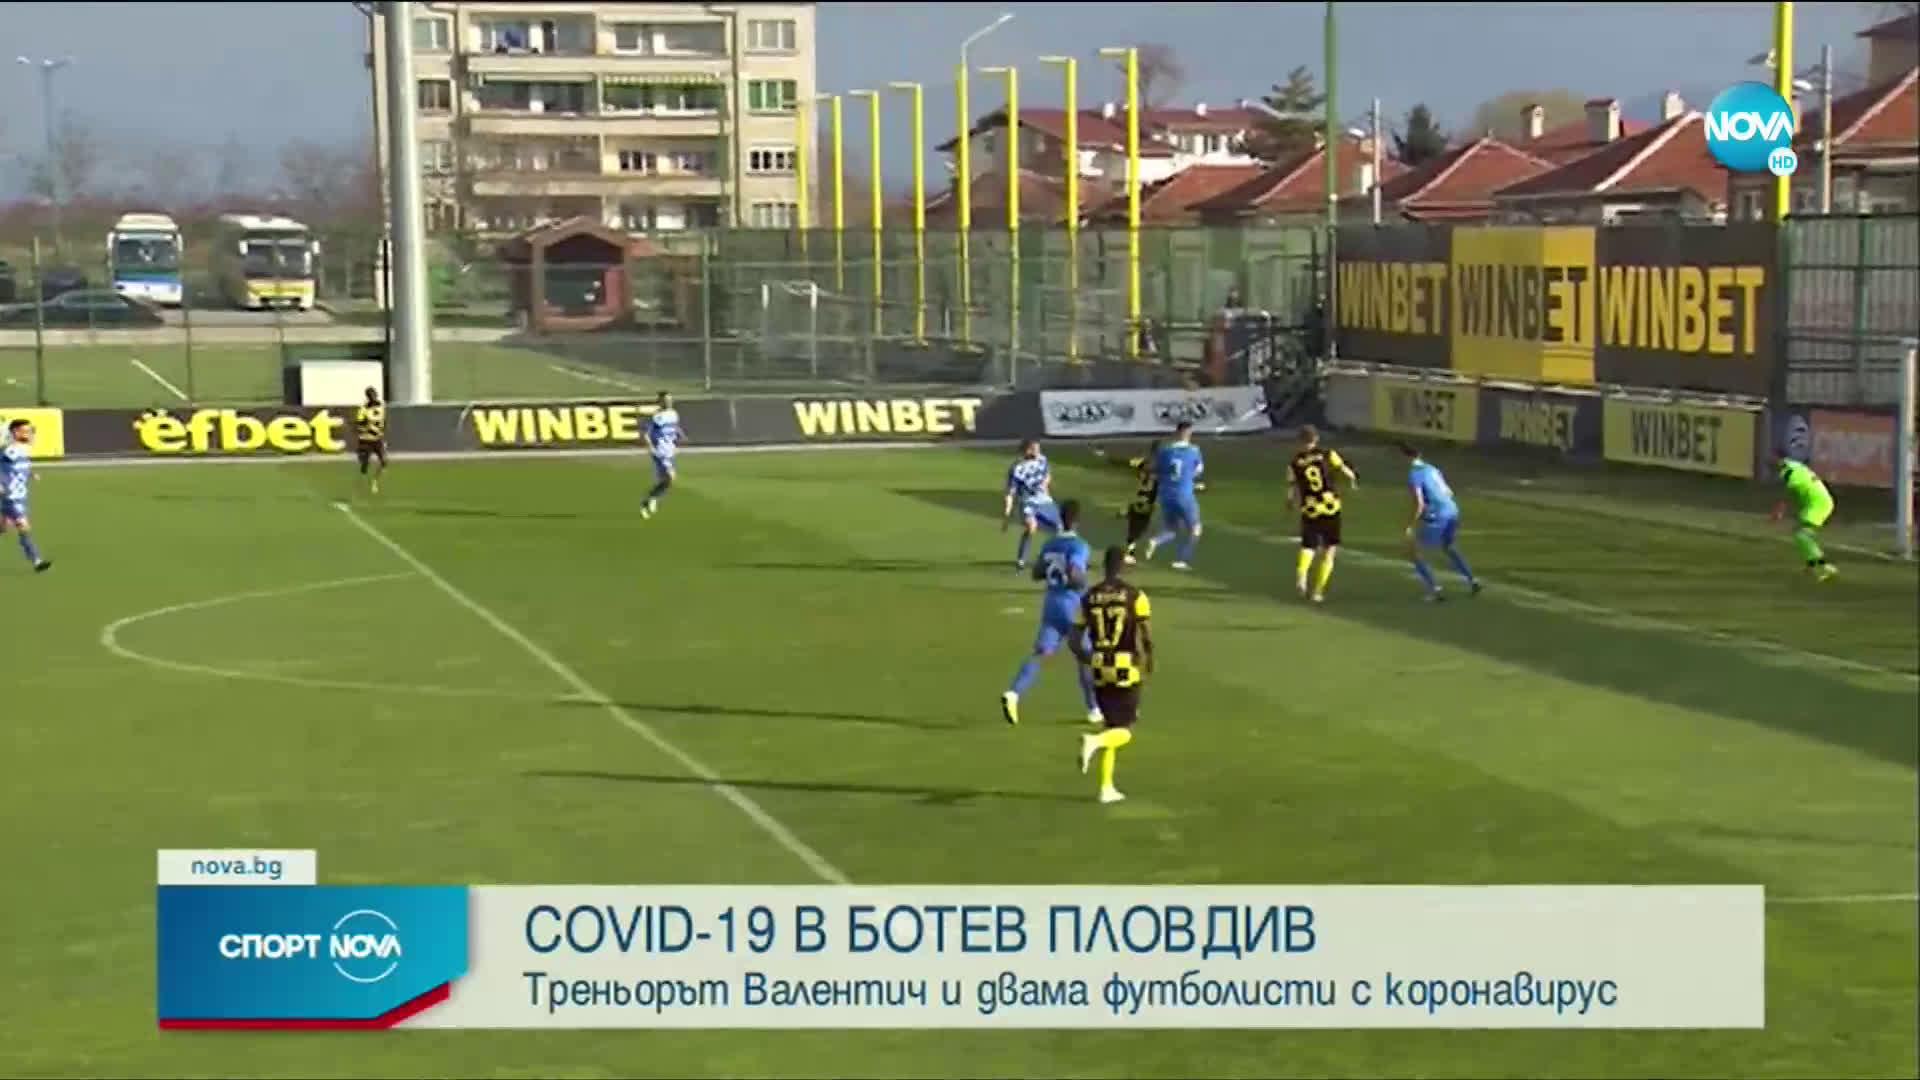 Ситуацията в Ботев Пд става притеснителна: И двама играчи са с COVID-19